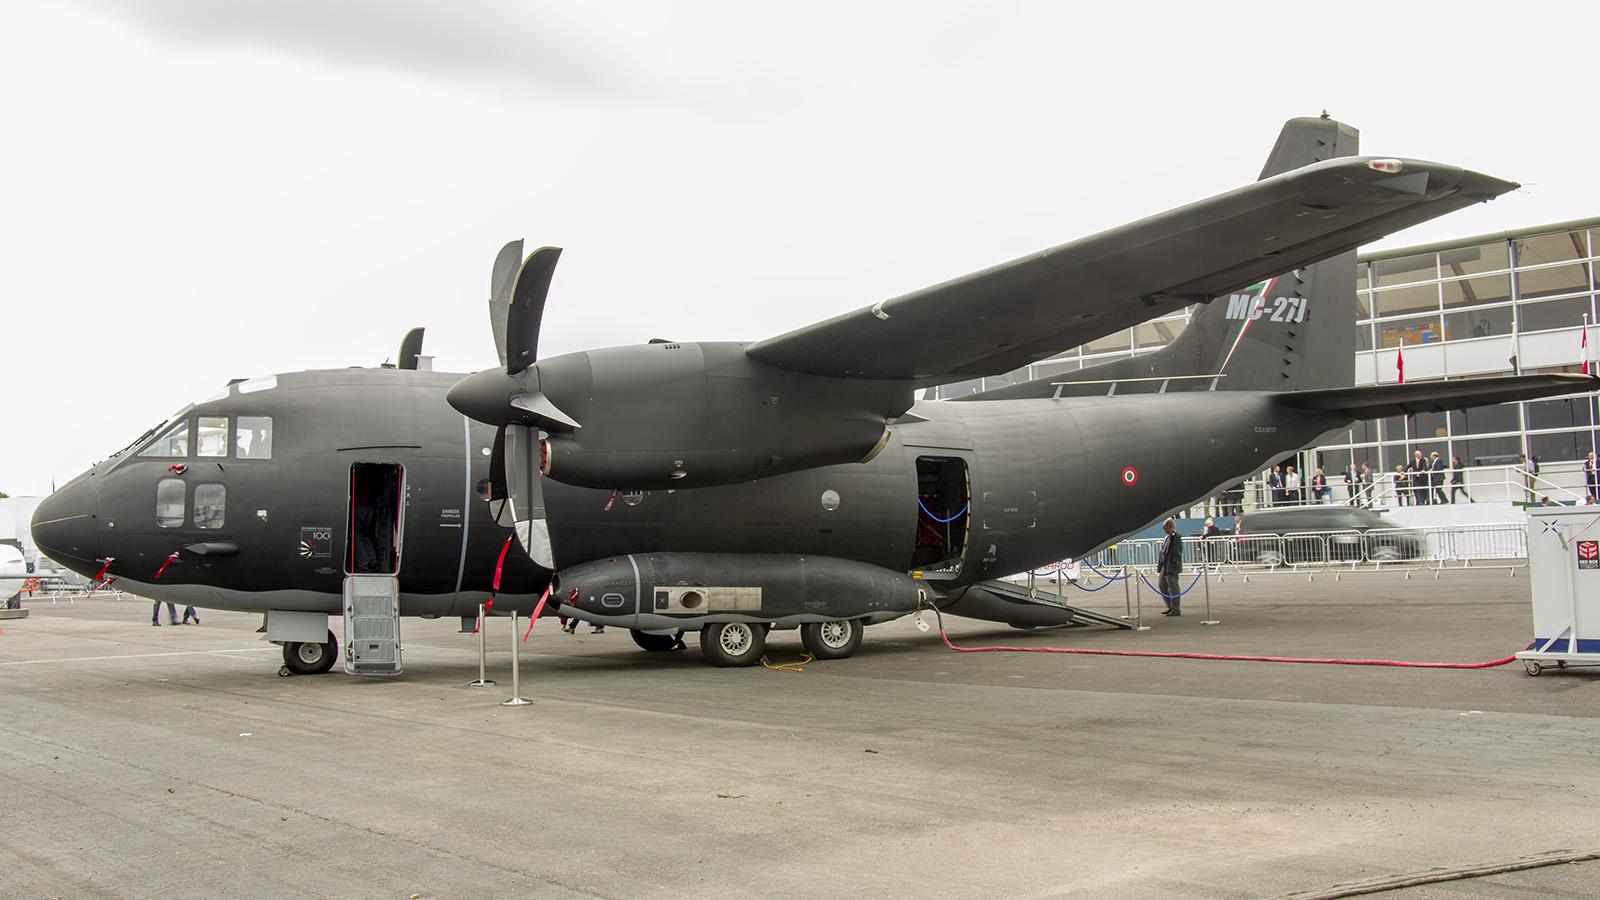 _IMG5544 Alenia C-27J Spartan CSX62127 Alenia s